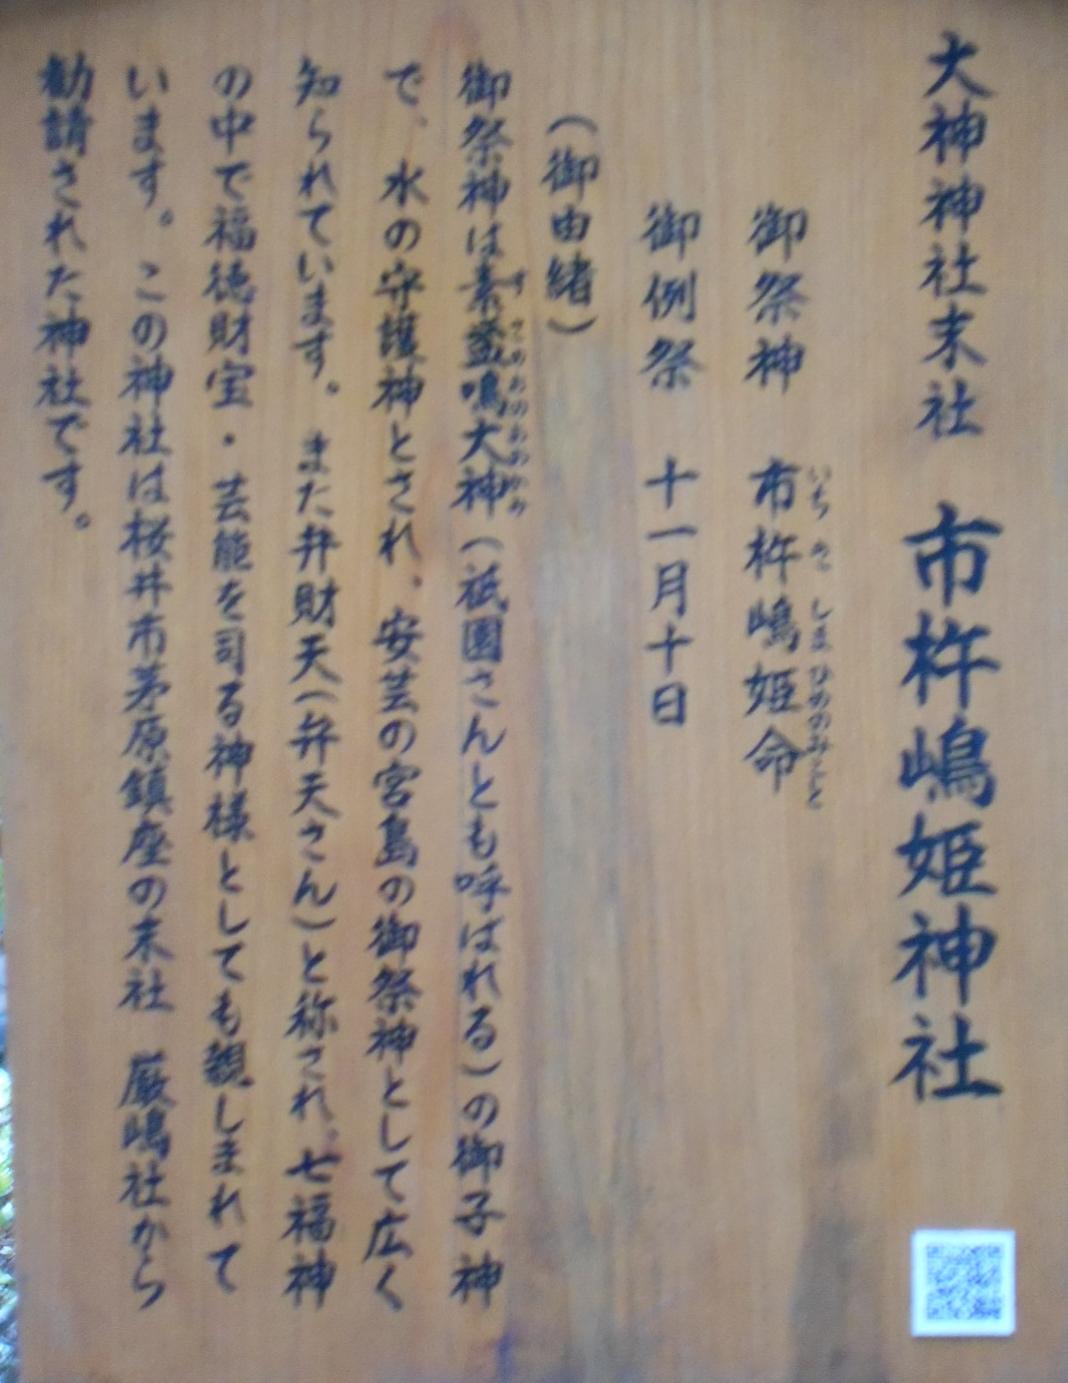 嶋姫神社説明